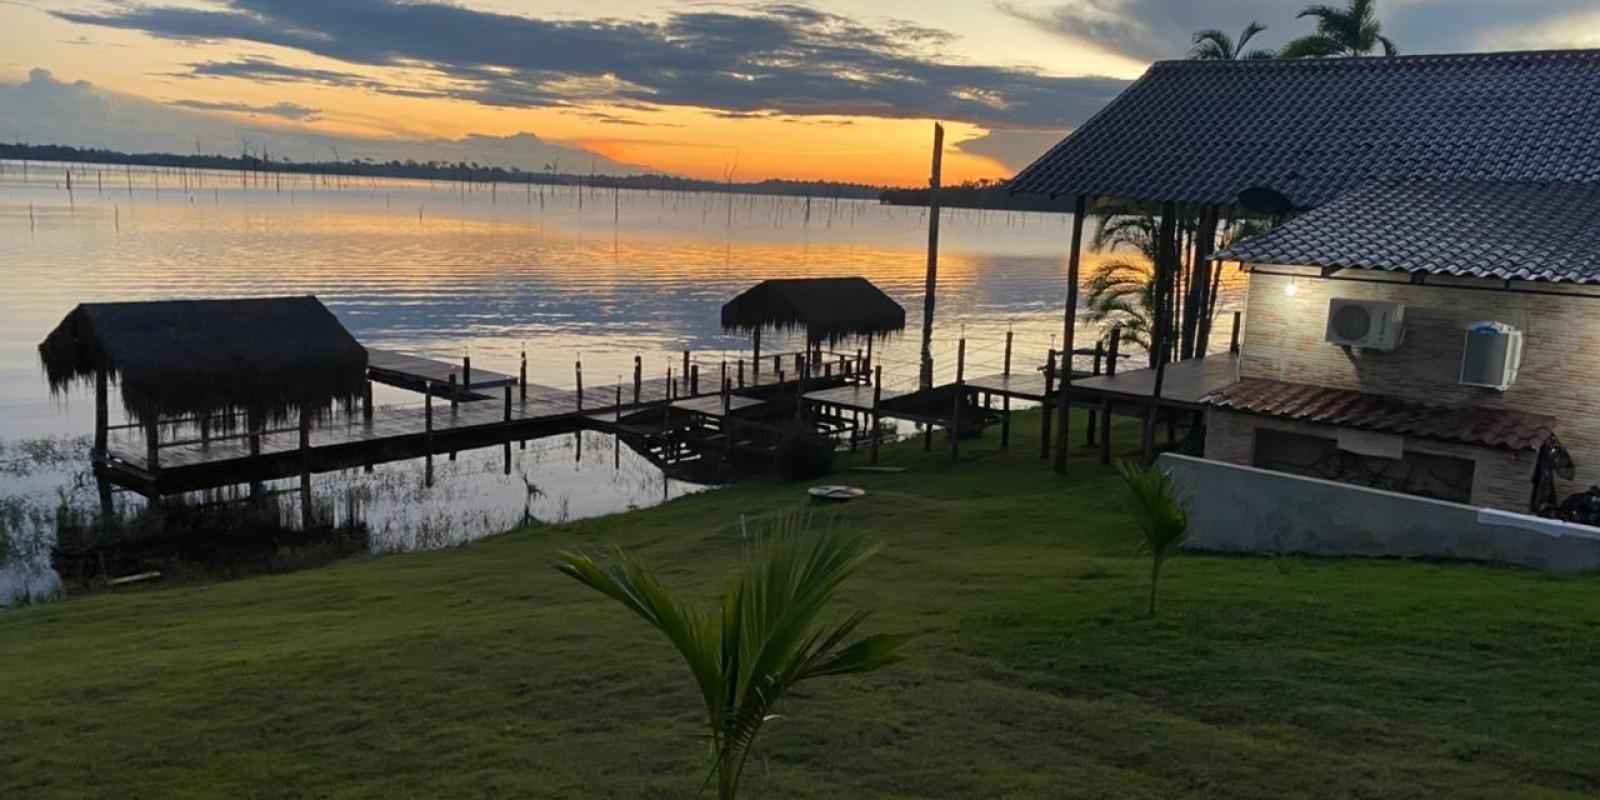 Pousada Ilhas das Araras - Represa de Balbina / AM.  - Foto 13 de 21